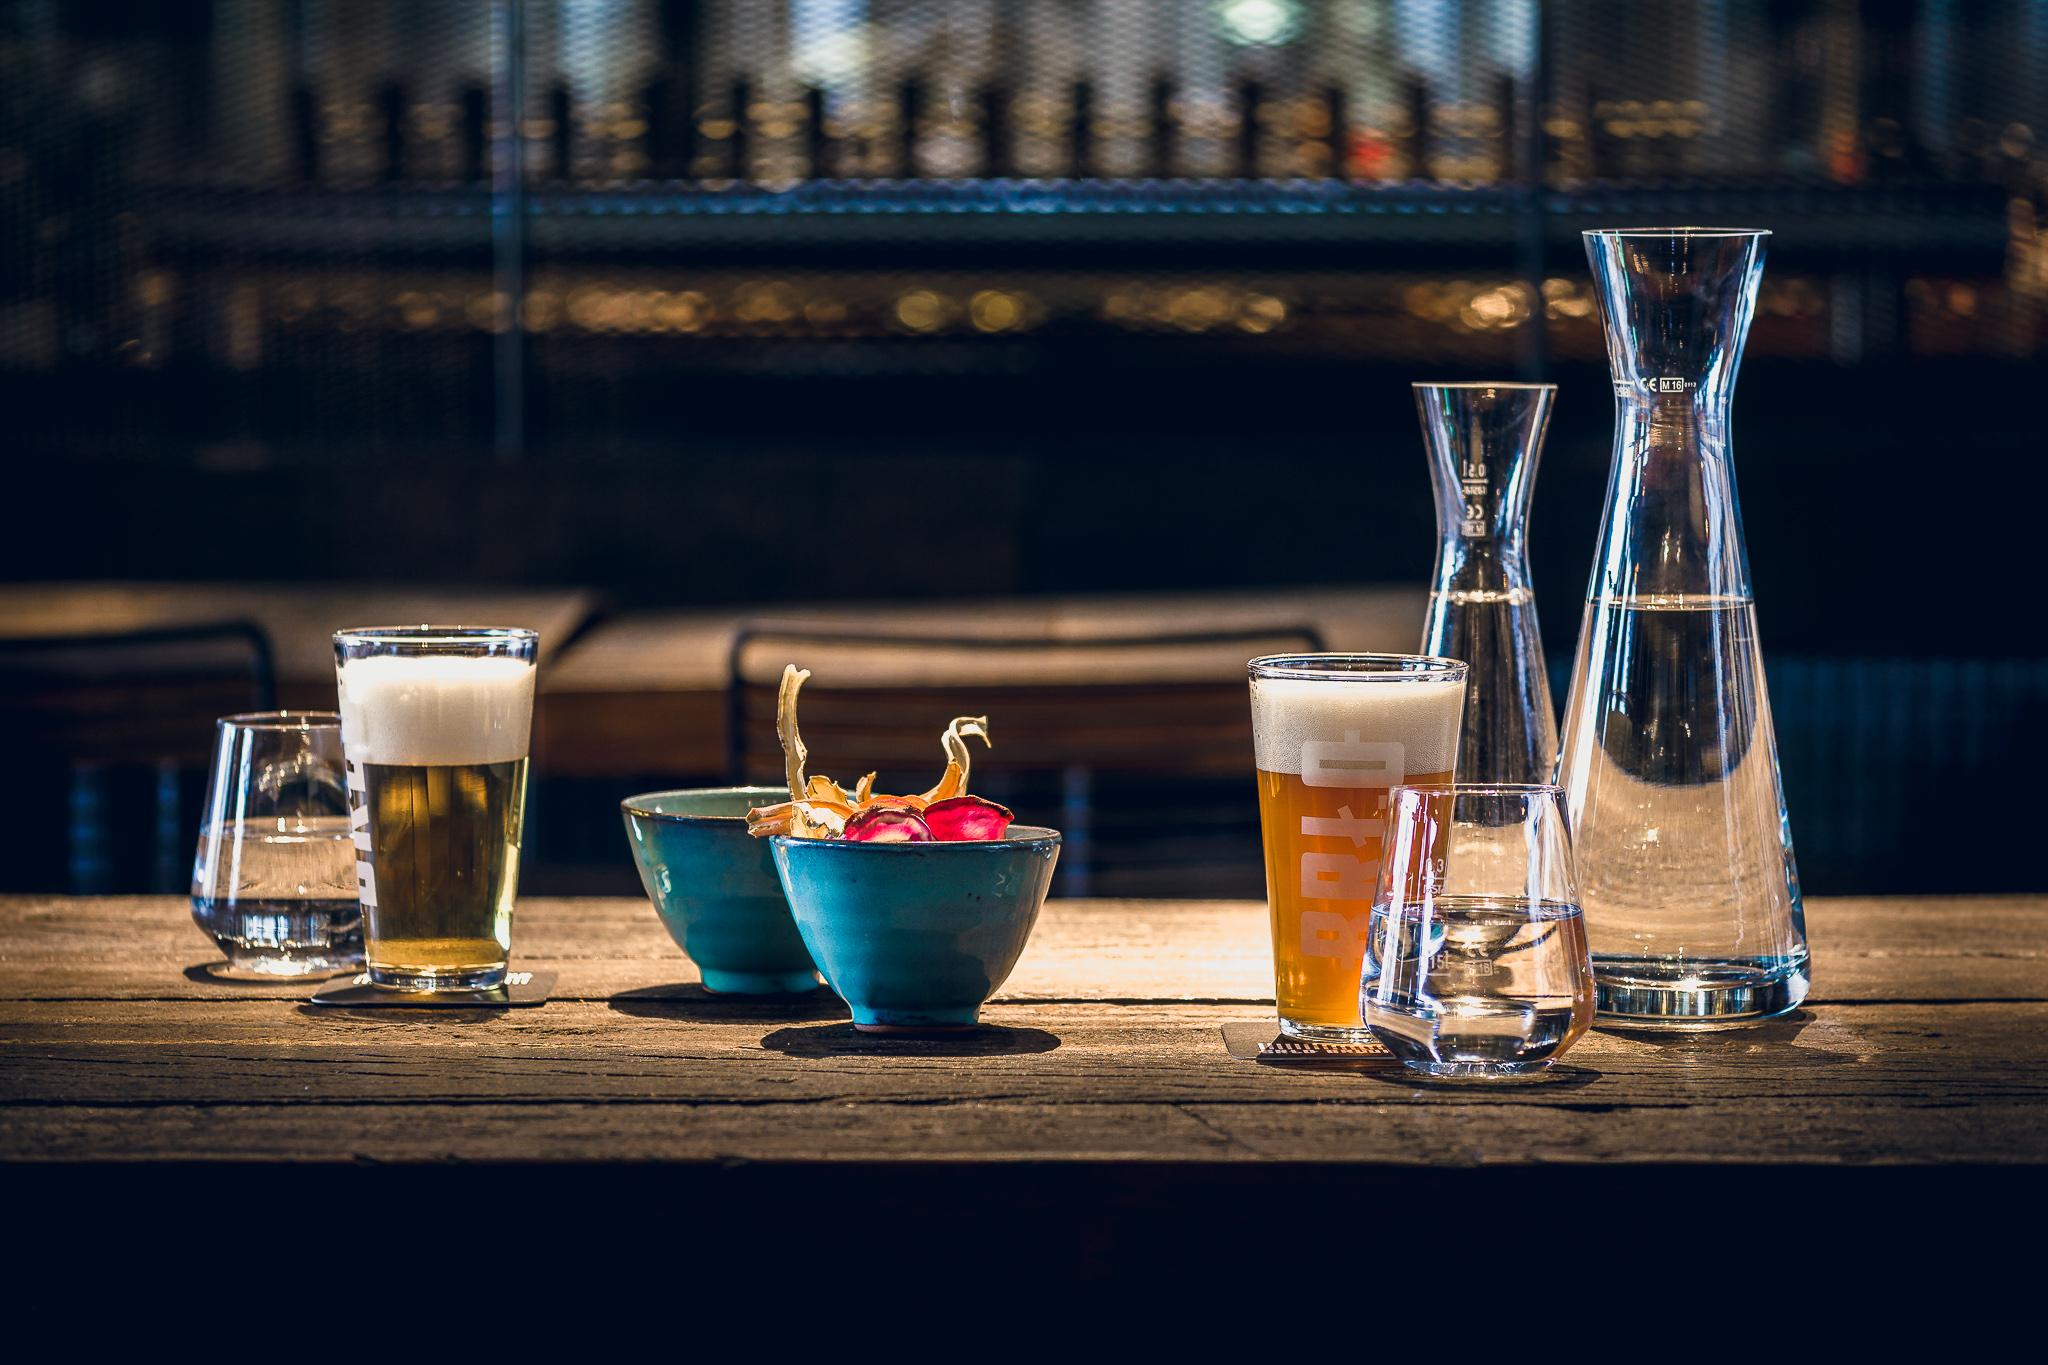 Ein von BRLO Brwhouse gedeckter Tisch mit Bier im Glas, Wasser und gesunden Snacks